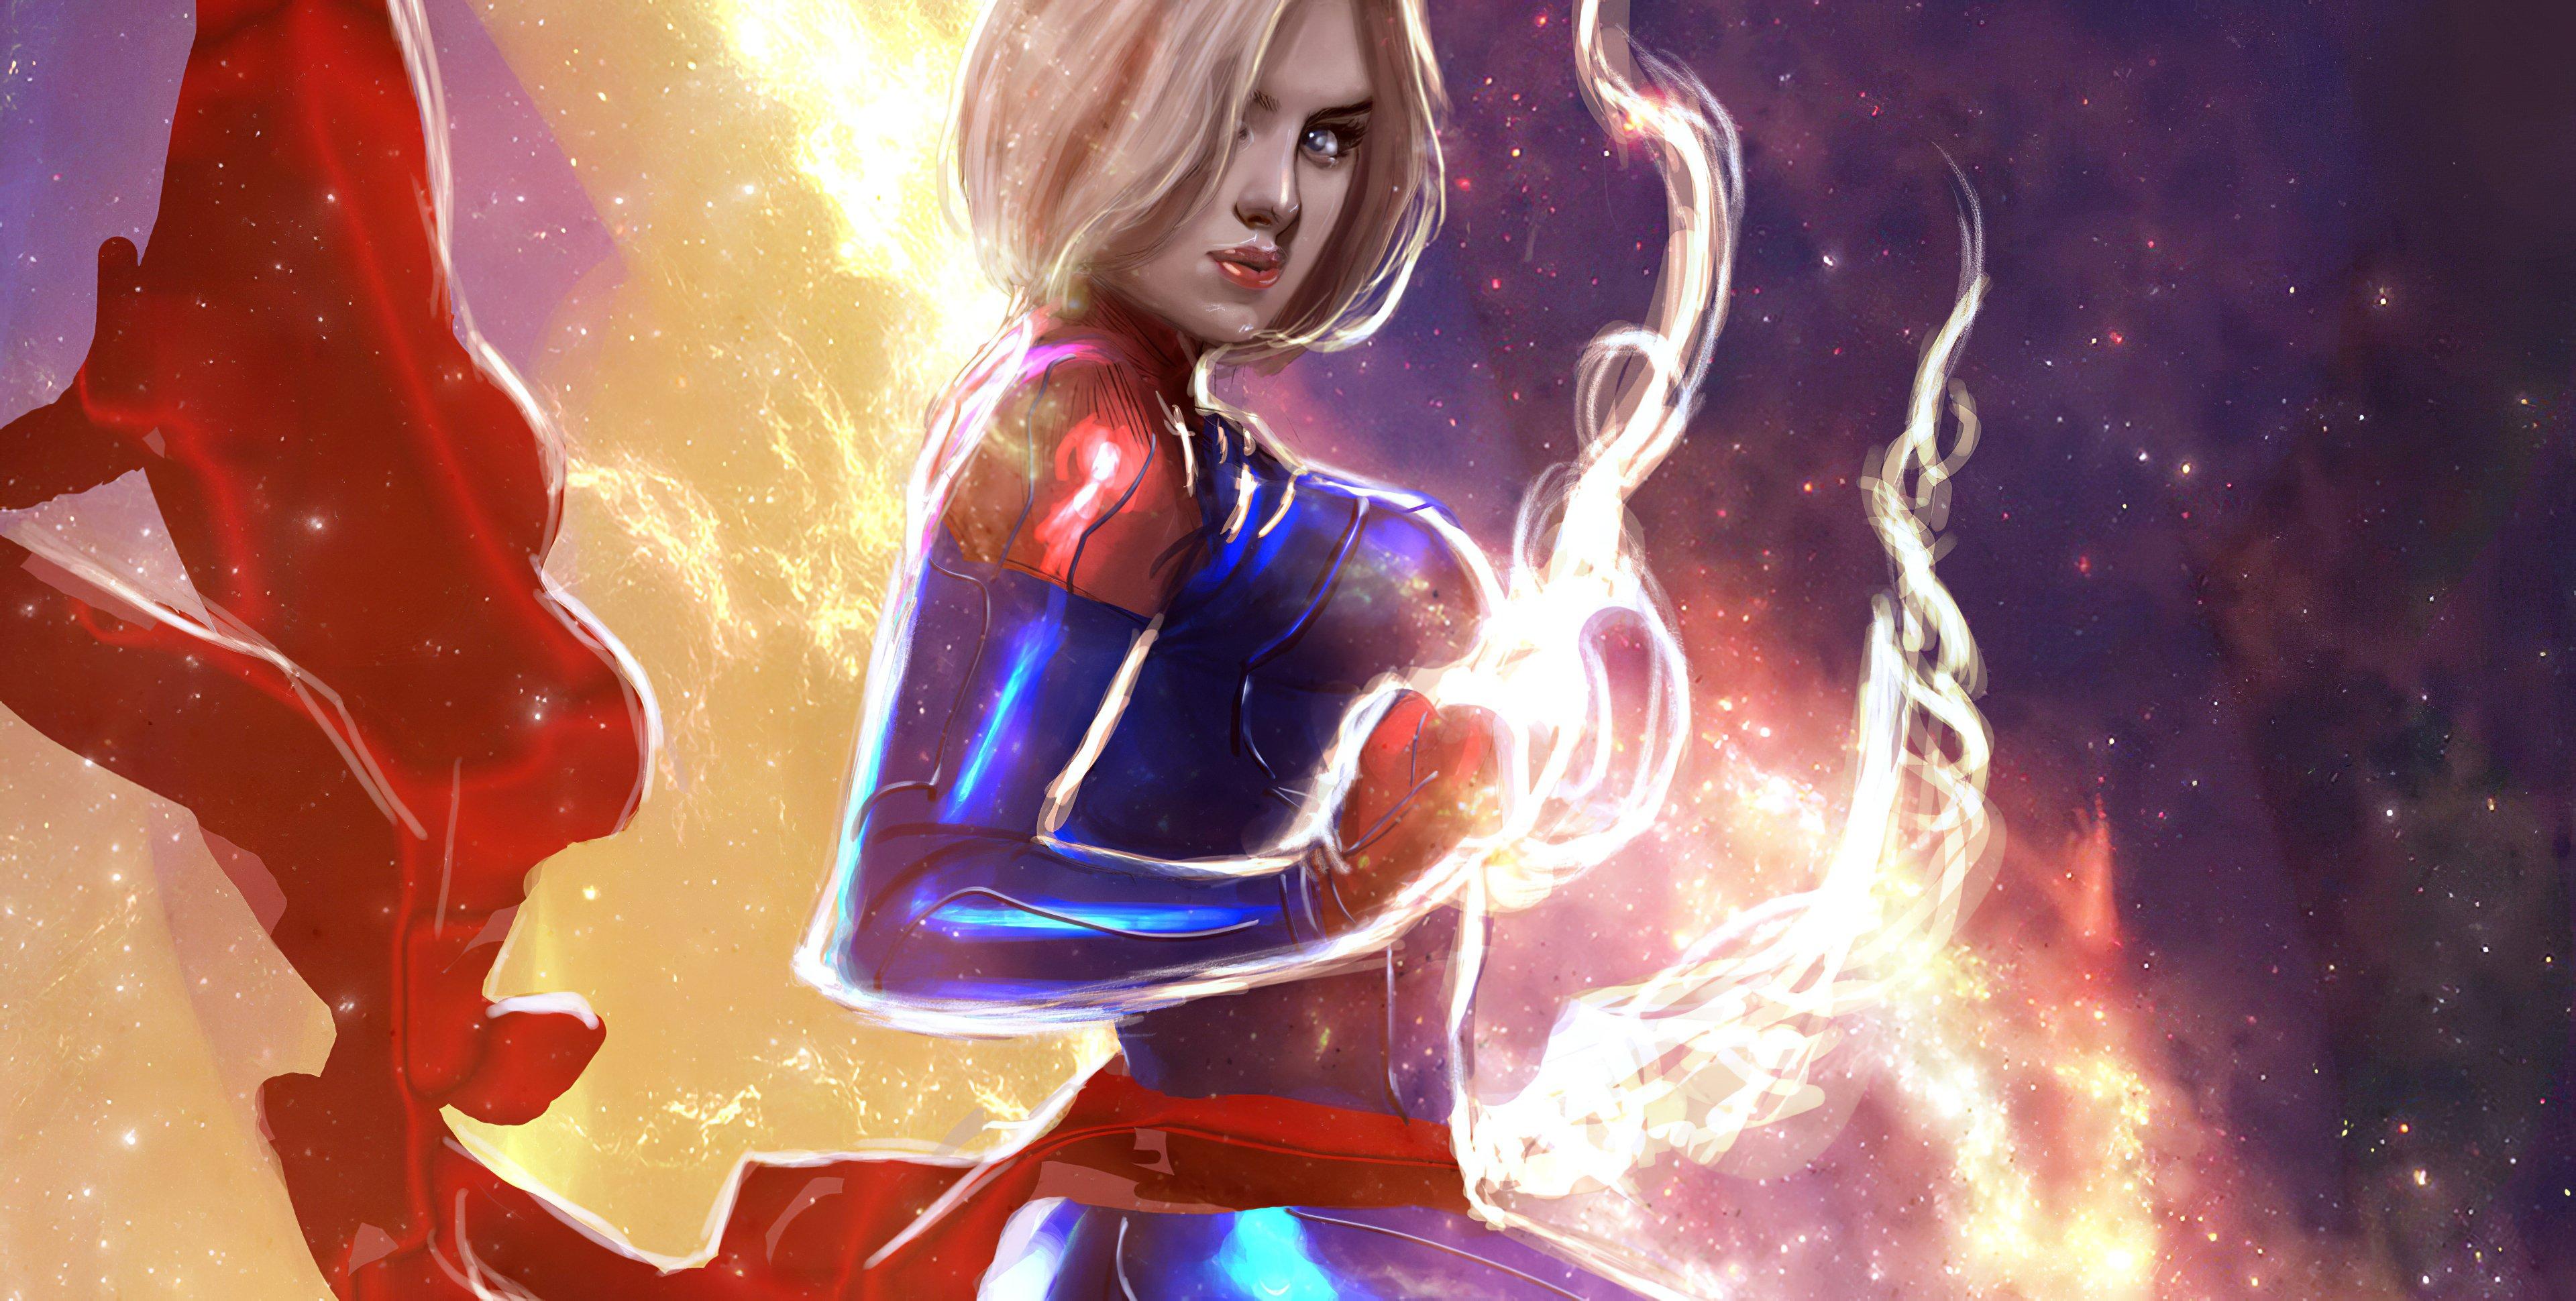 Wallpaper Captain Marvel Artwork 2020